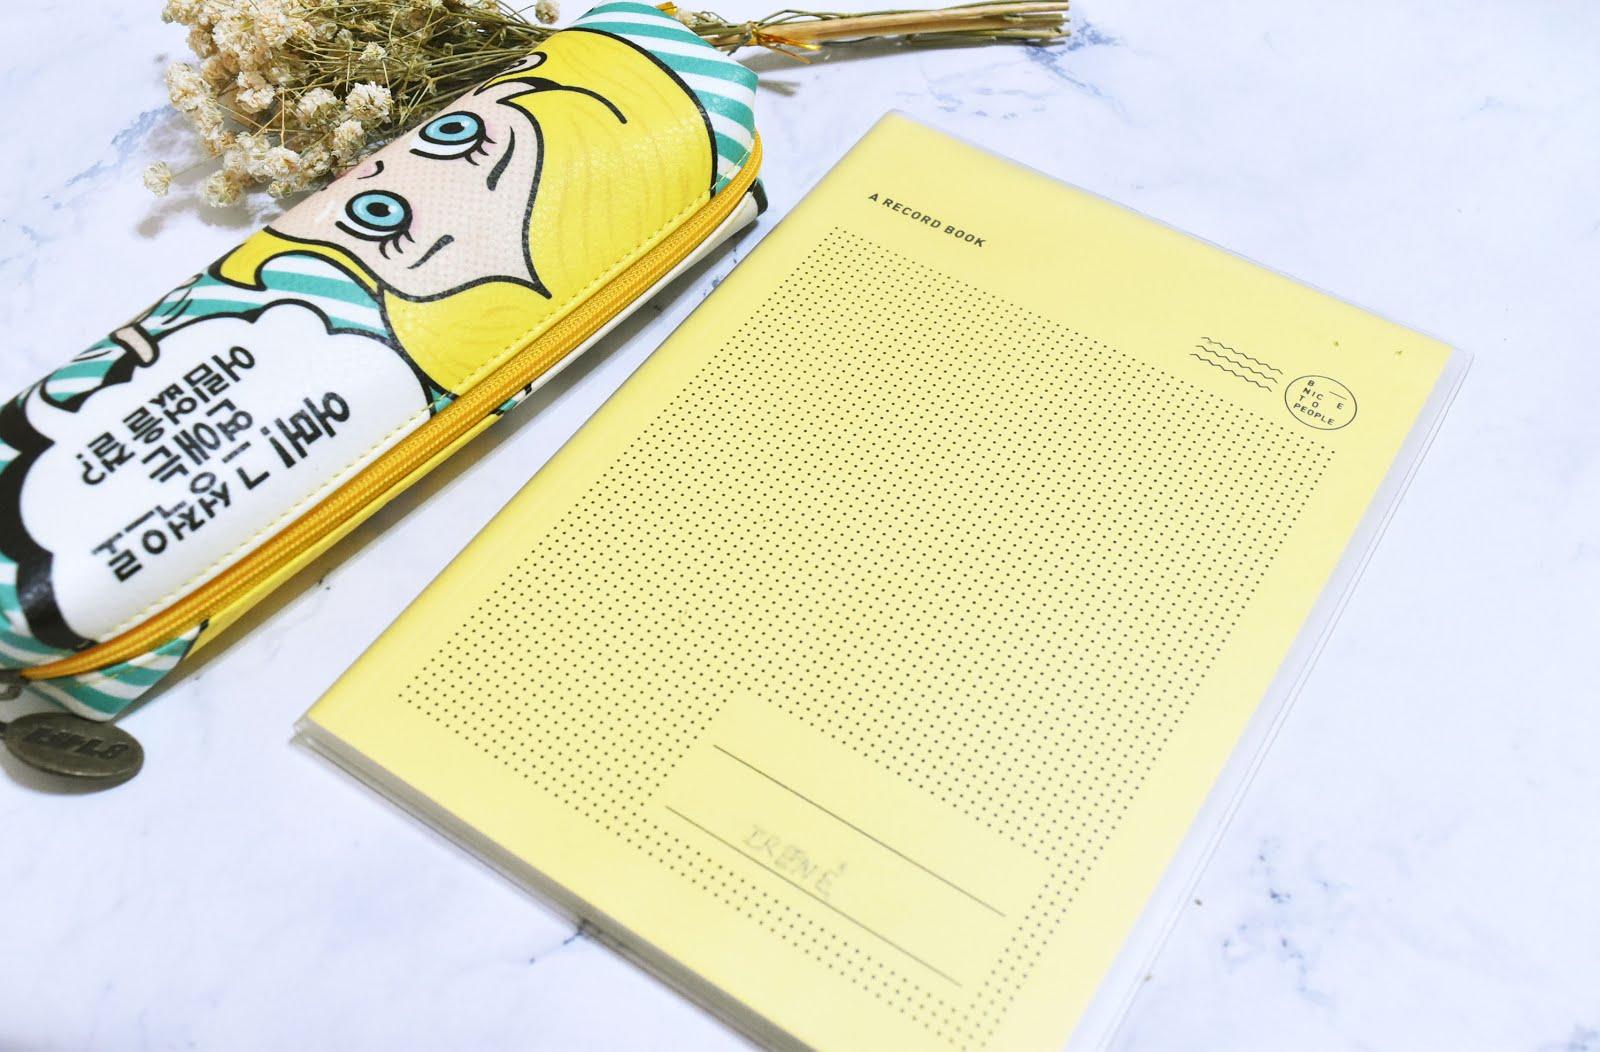 韓國筆記本推薦|用『BNTP』筆記本紀錄日常生活吧~! - 花光薪水去旅行